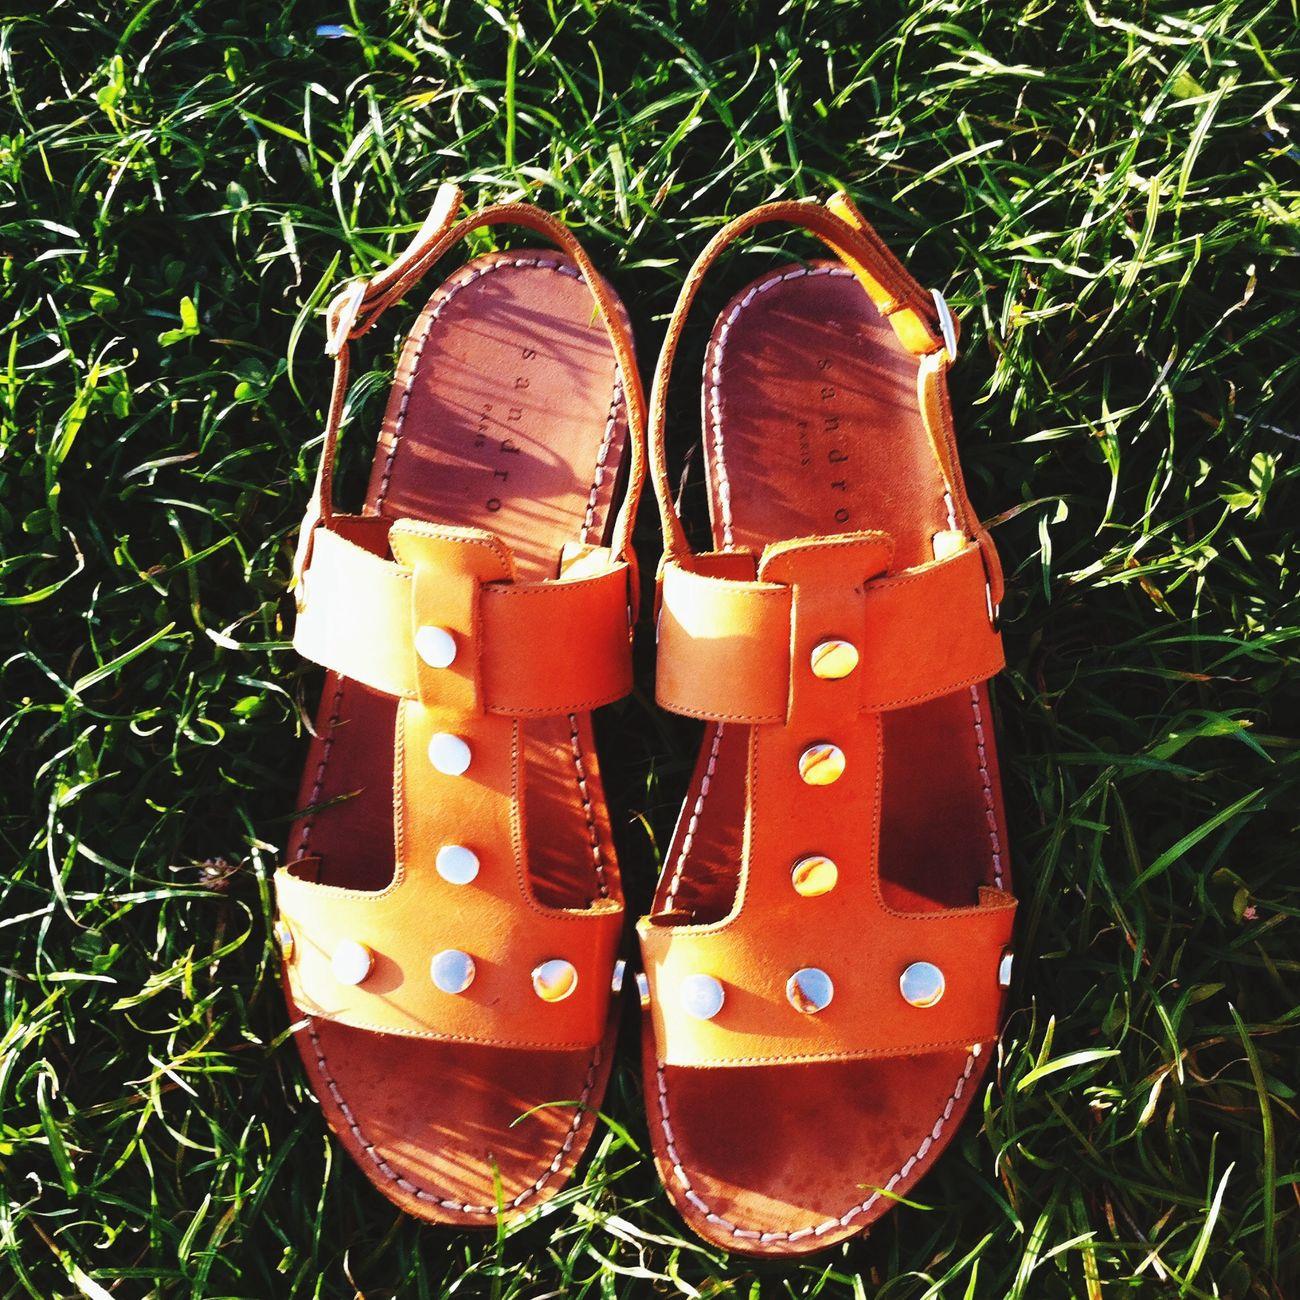 New Chaussure sendro